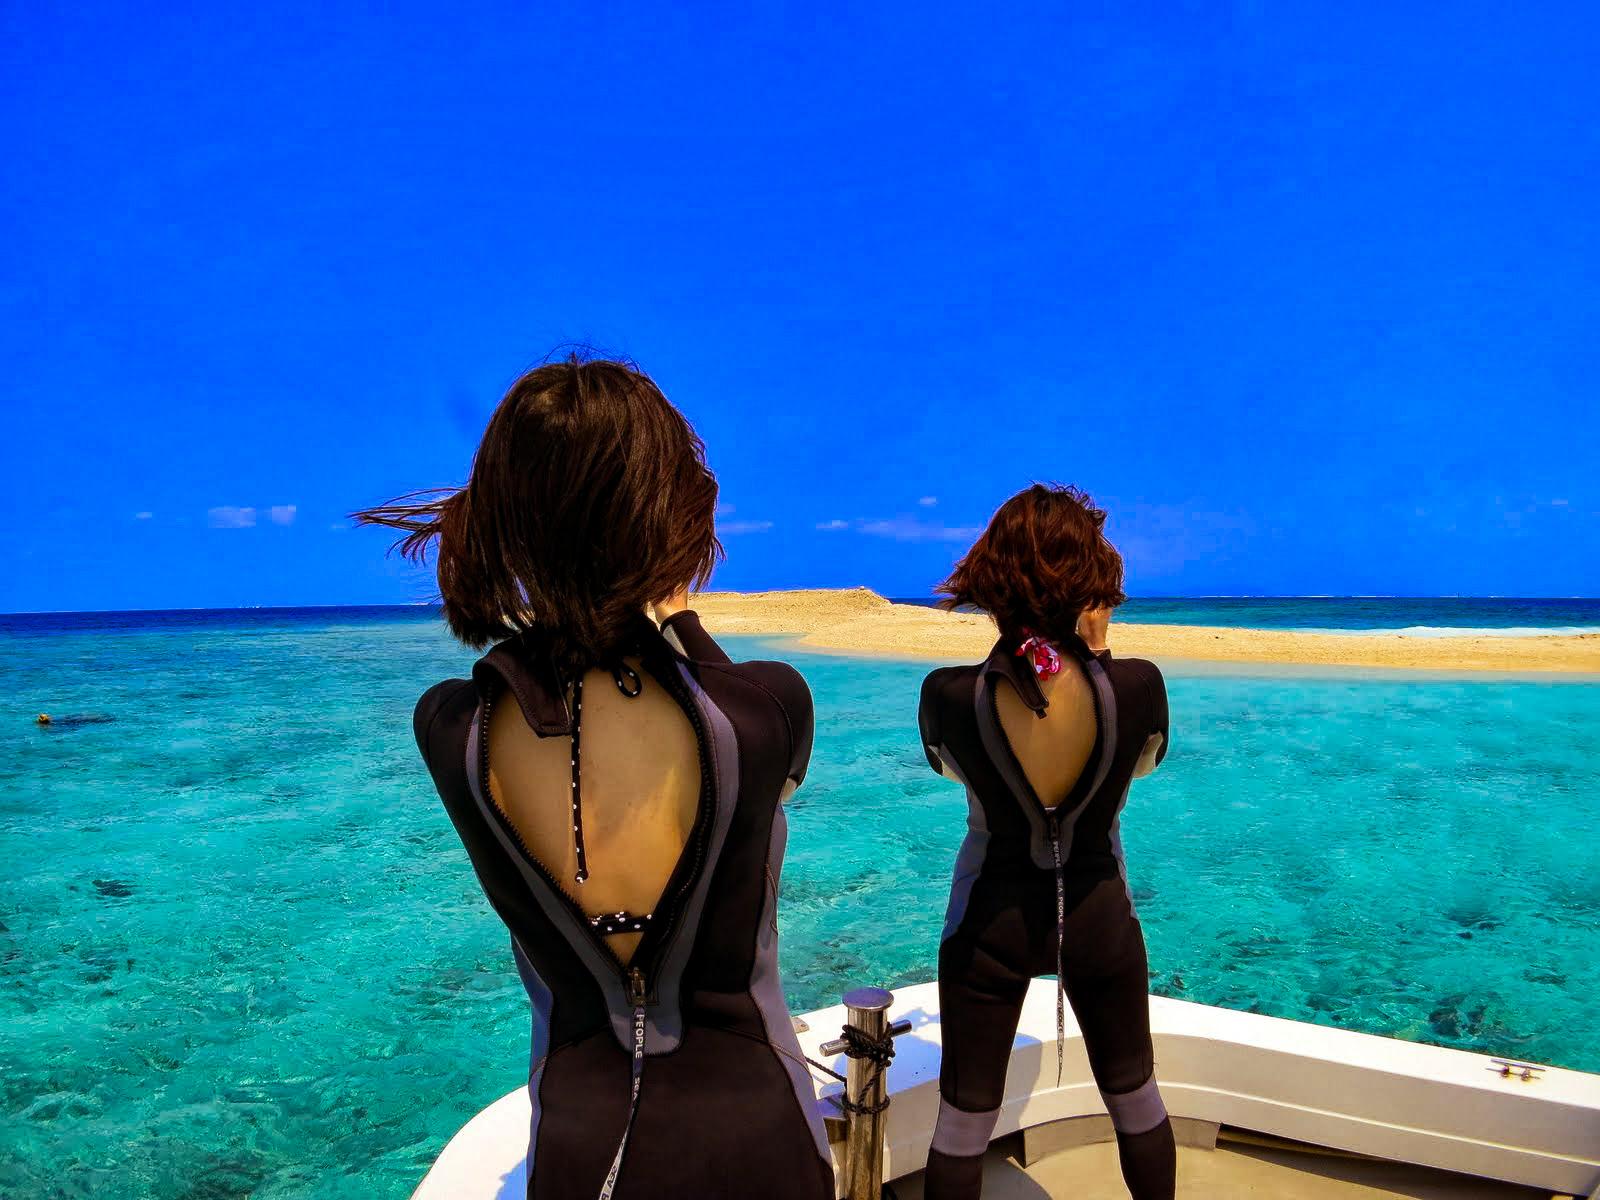 ダイビングへ向かう女性2人